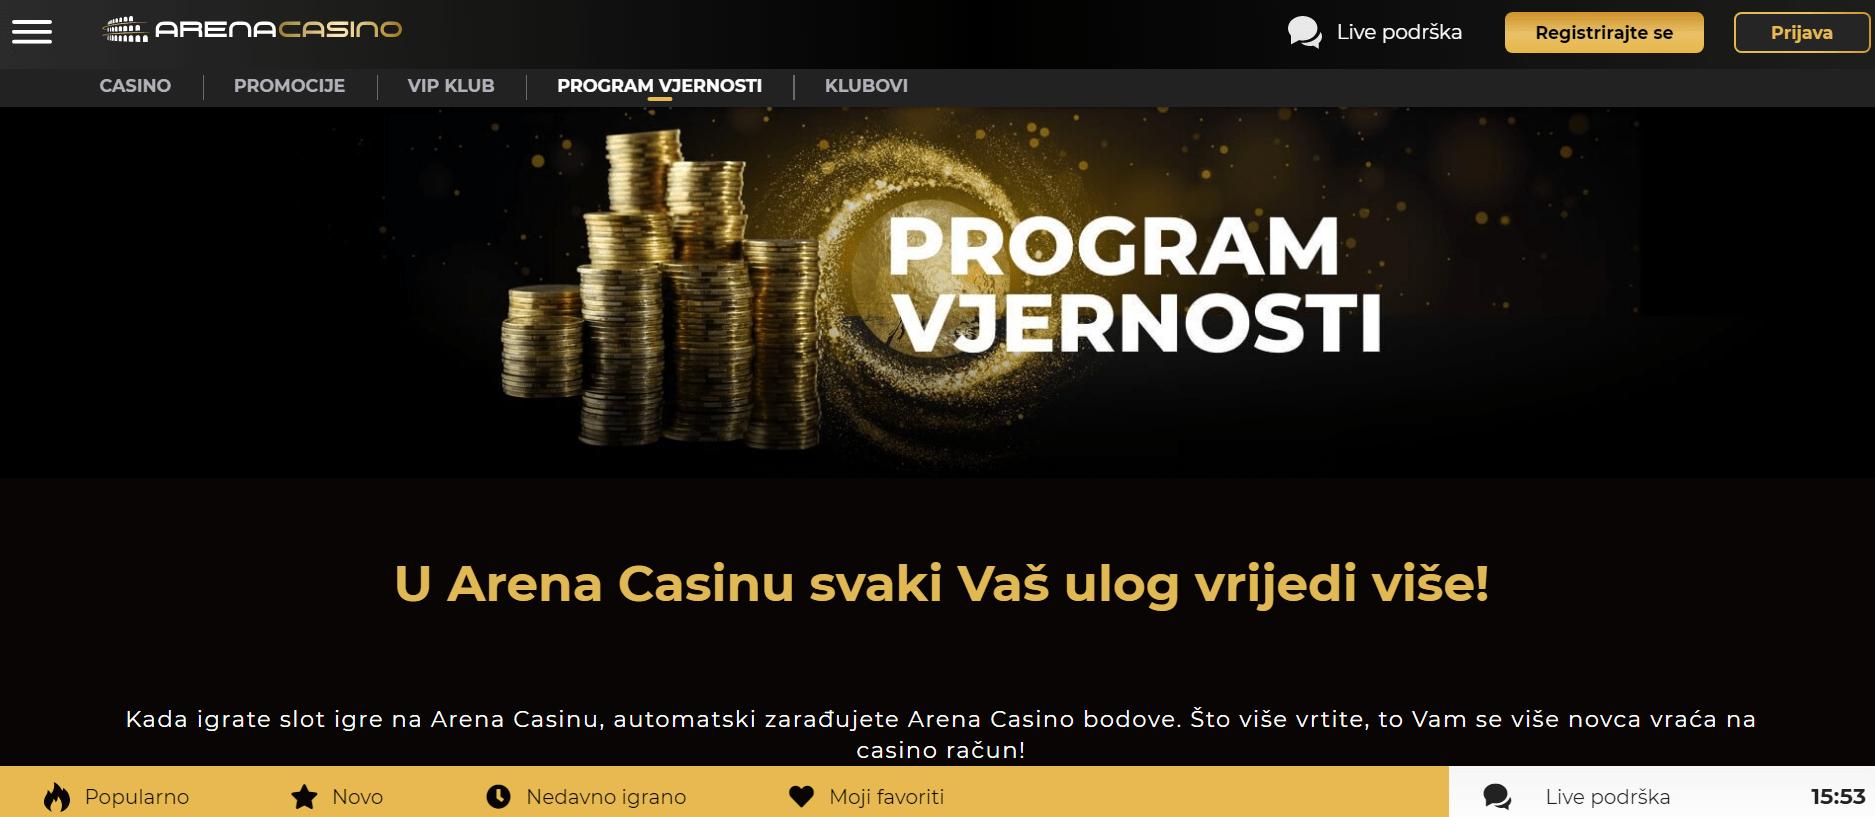 arena casino program vjernosti